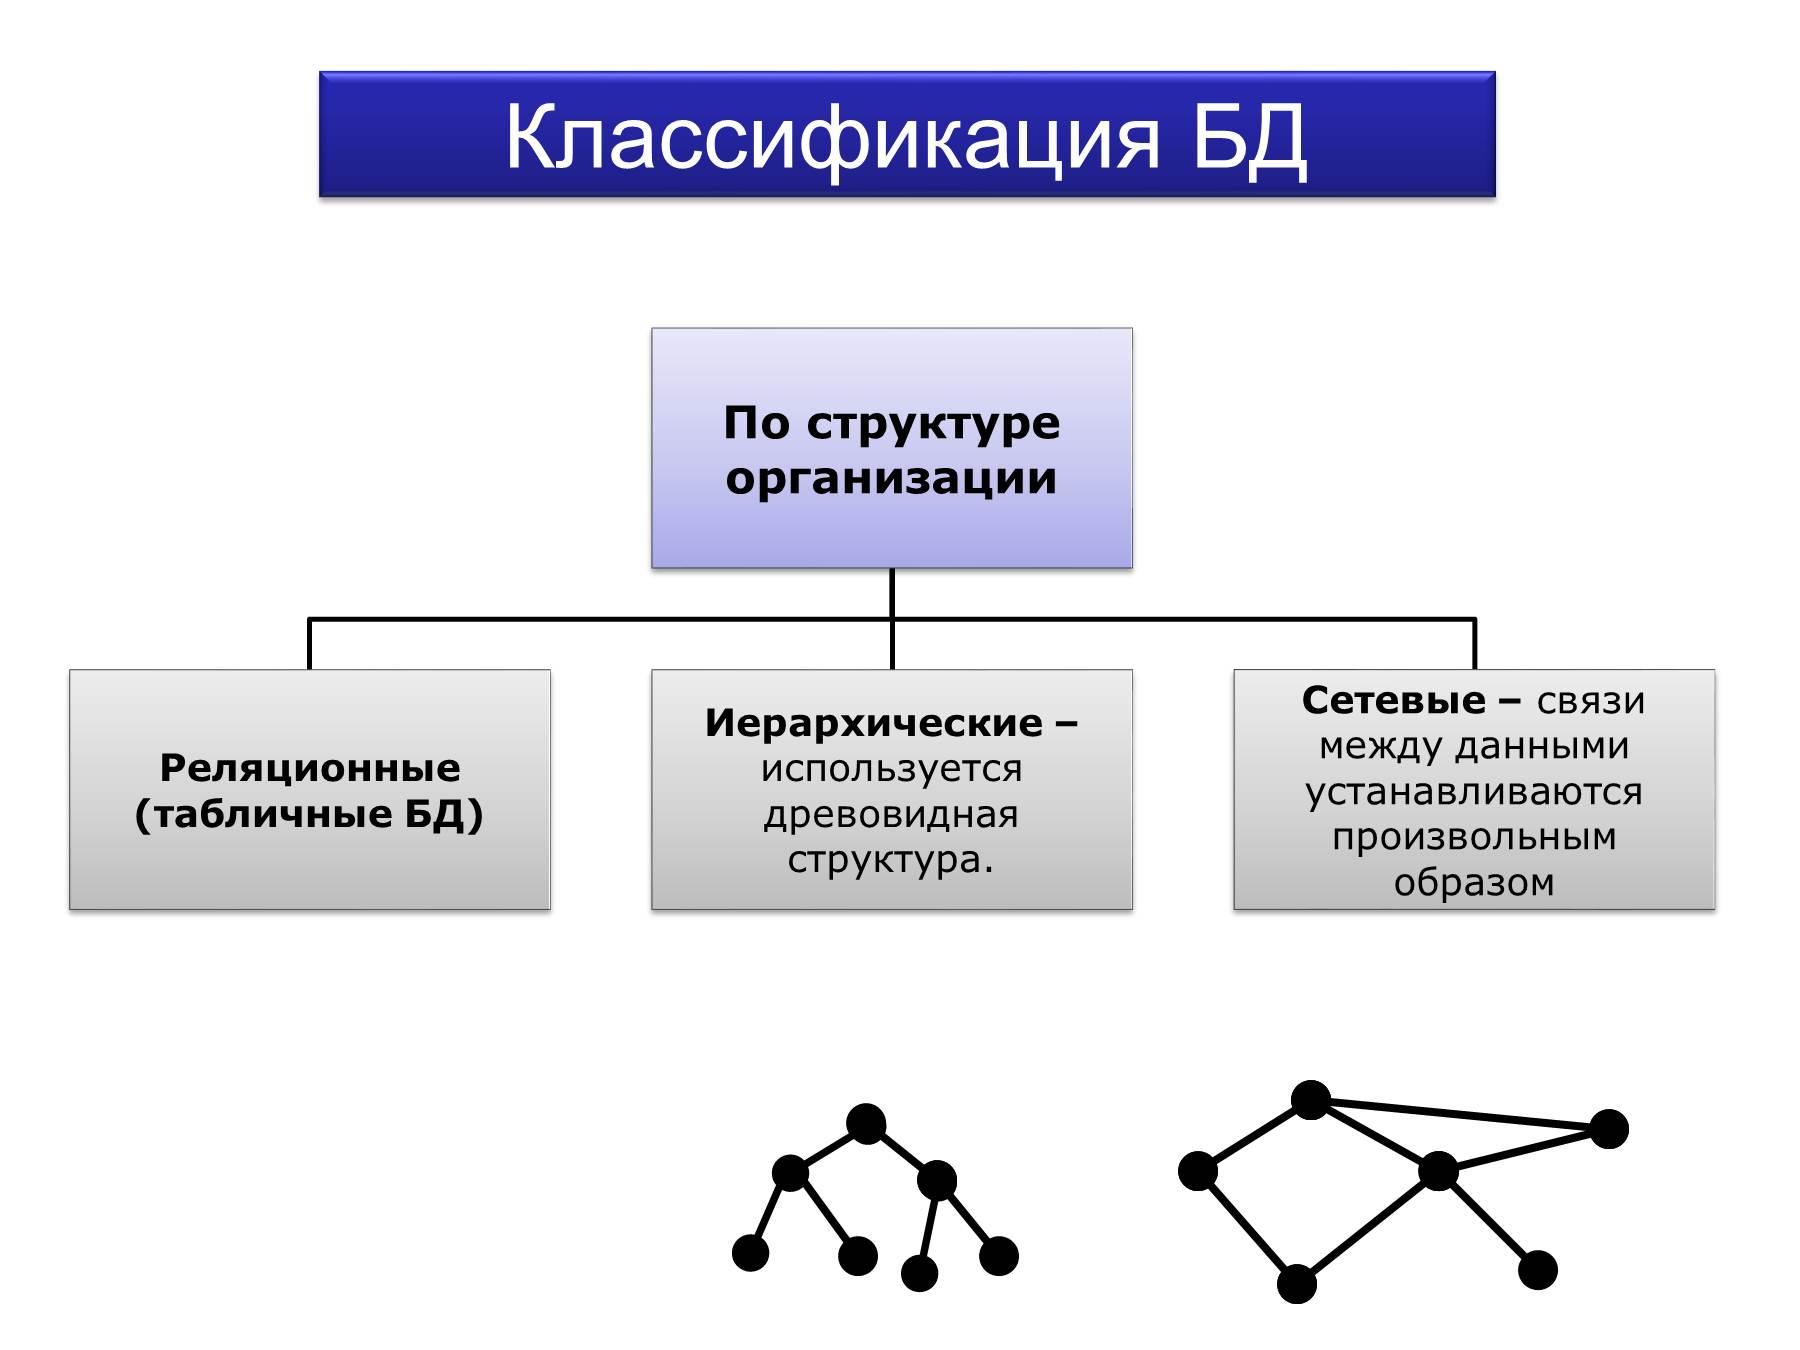 Классификации информации схема